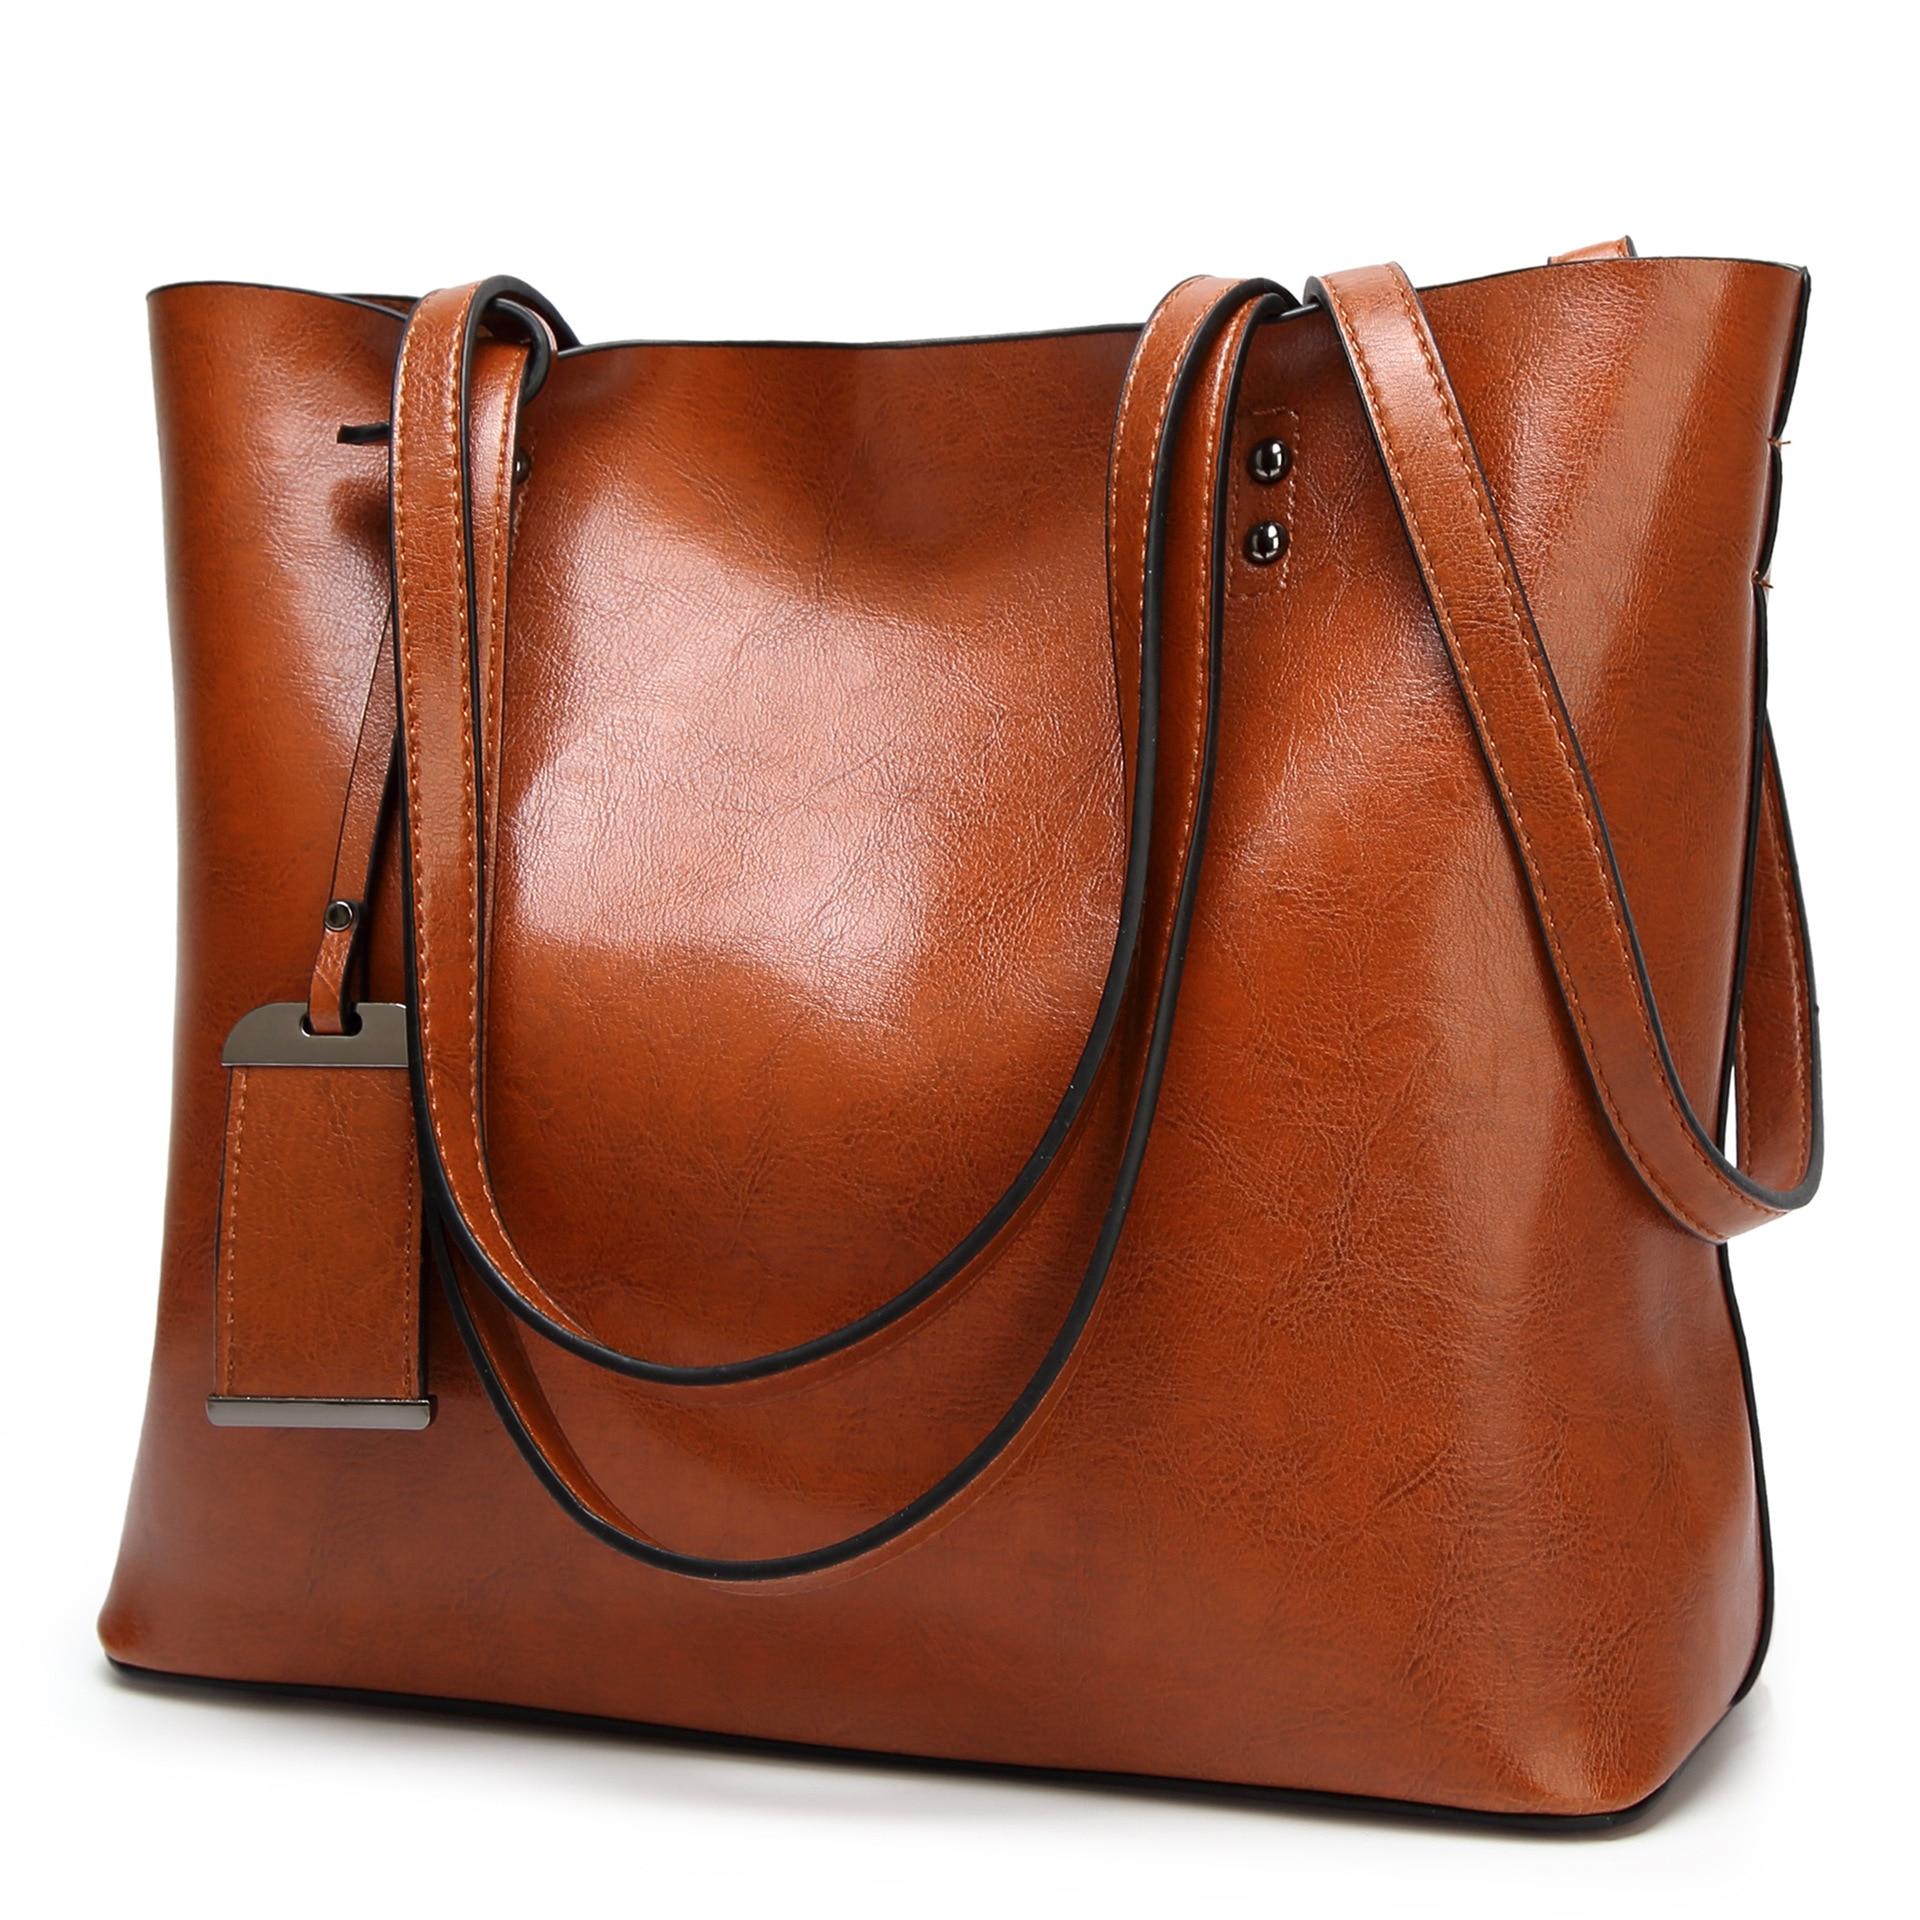 Сумка ведро из вощеной кожи, простая сумка через плечо с двойным ремешком для женщин 2018, универсальная сумка для шоппингаСумки с ручками   -